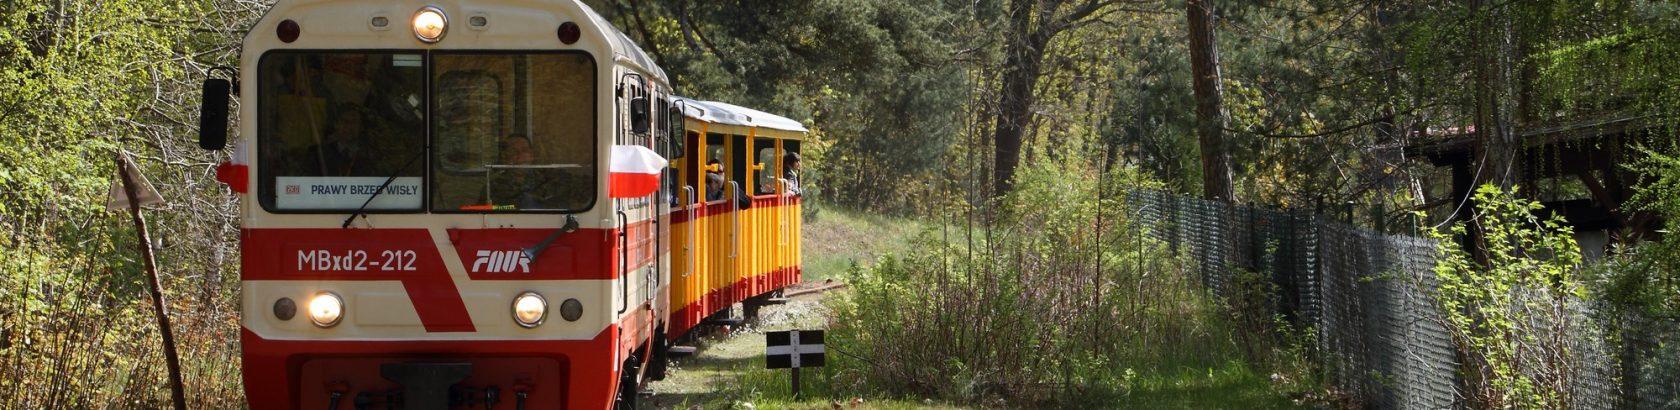 MBxd2-212 z pociągiem do Prawego Brzegu Wisły wjeżdża na przystanek Jantar Port. Fot. Adam Florin.